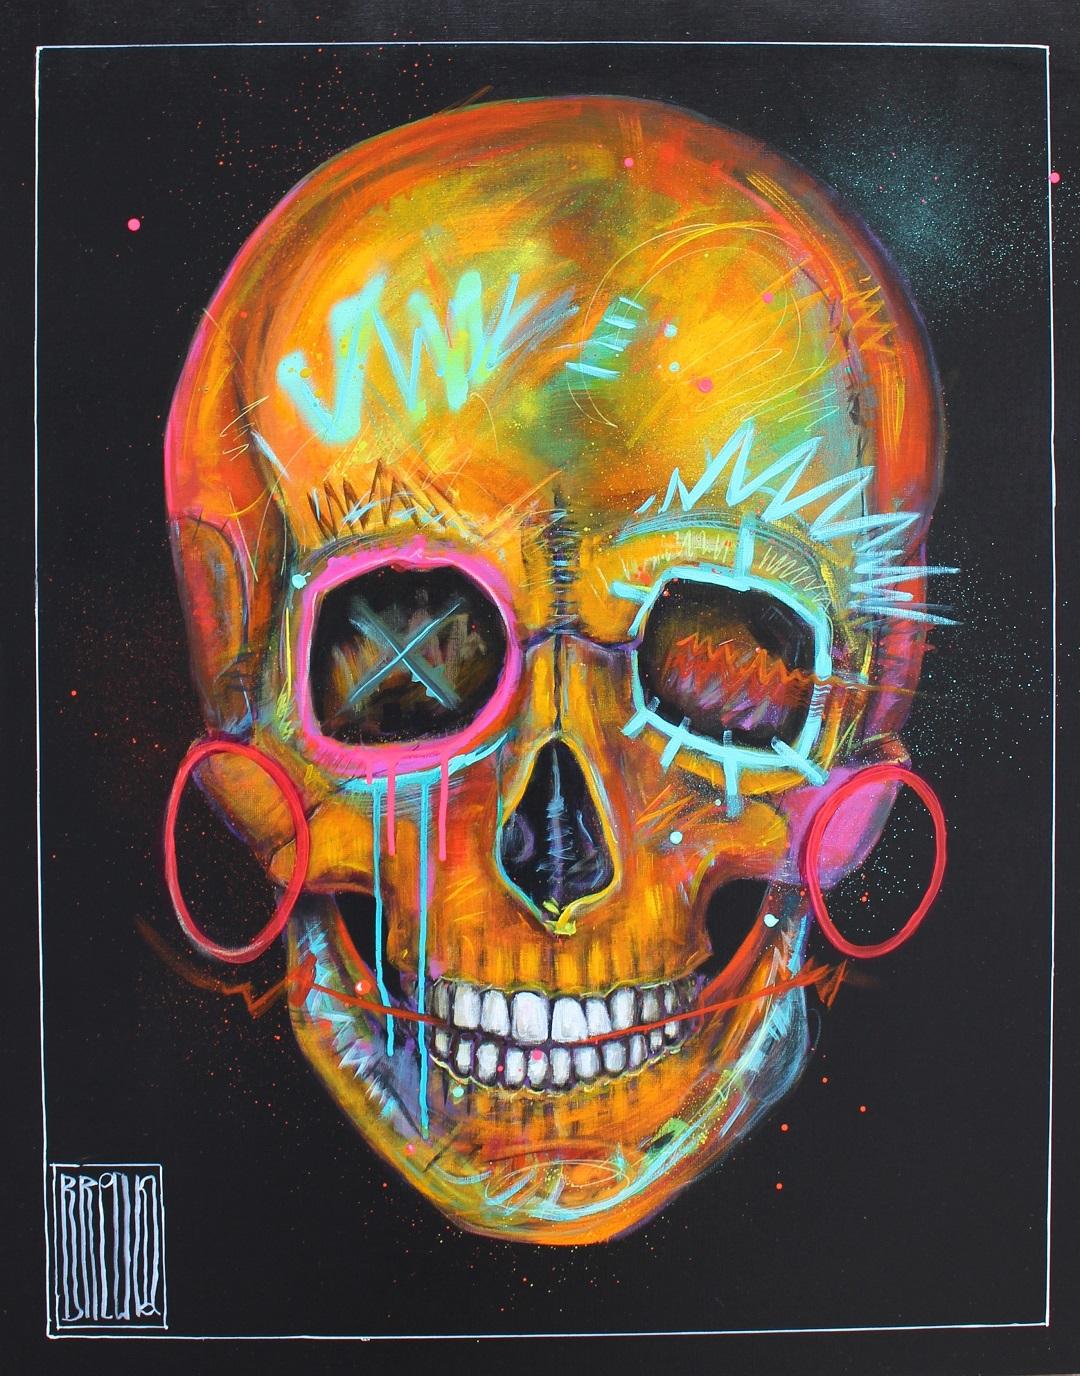 brewka-be-happy-jagodzianki-aukcja-charytatywna-2020-akryl-plotno